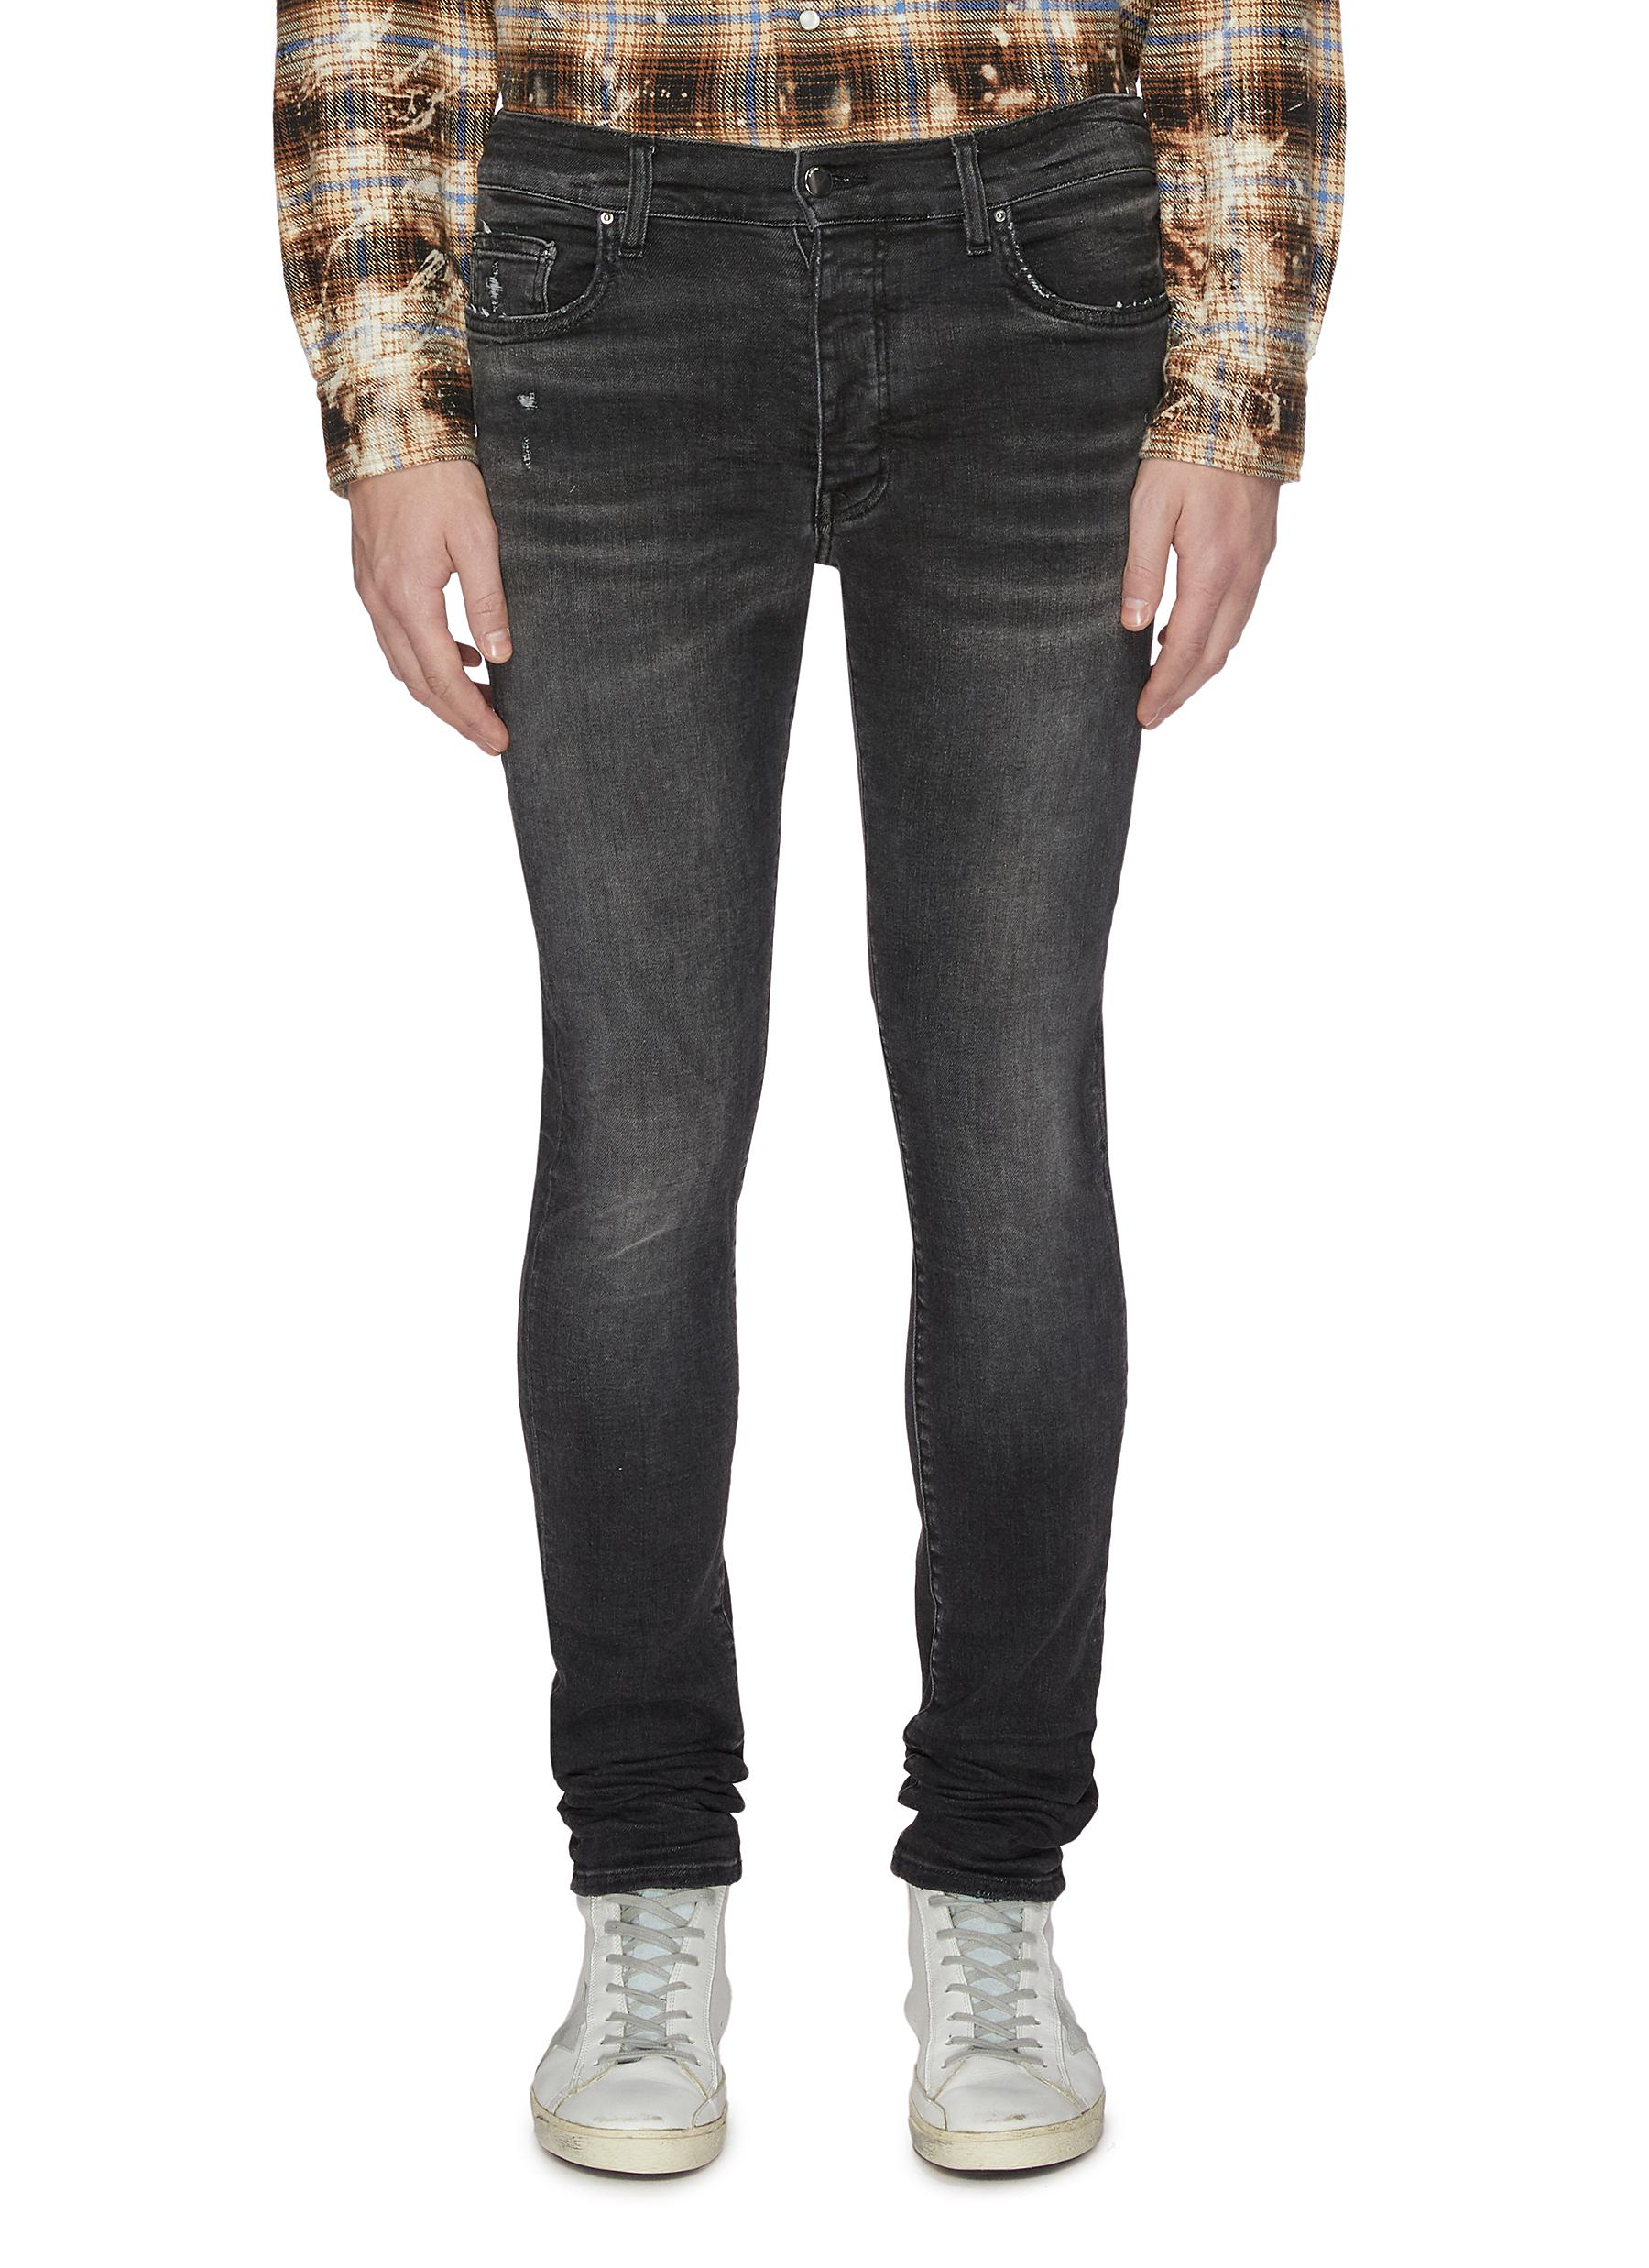 Skinny stack jeans